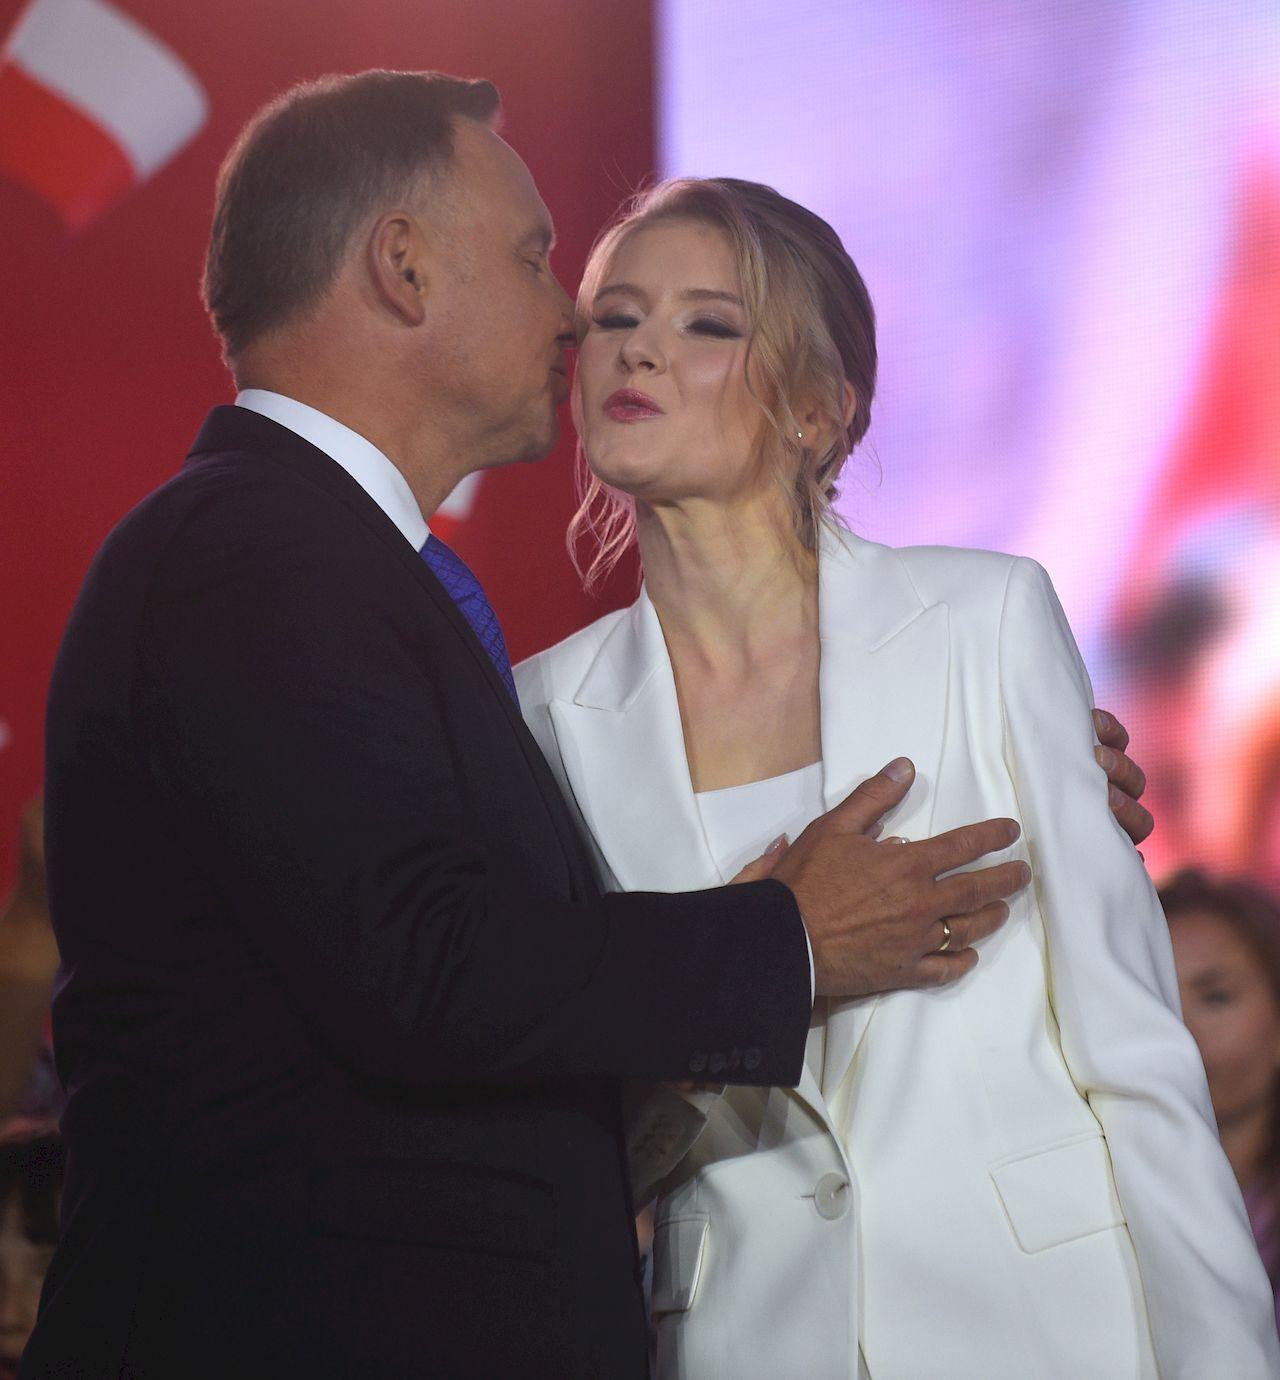 Wieczor wyborczy Andrzeja Dudy - prezydent z córką